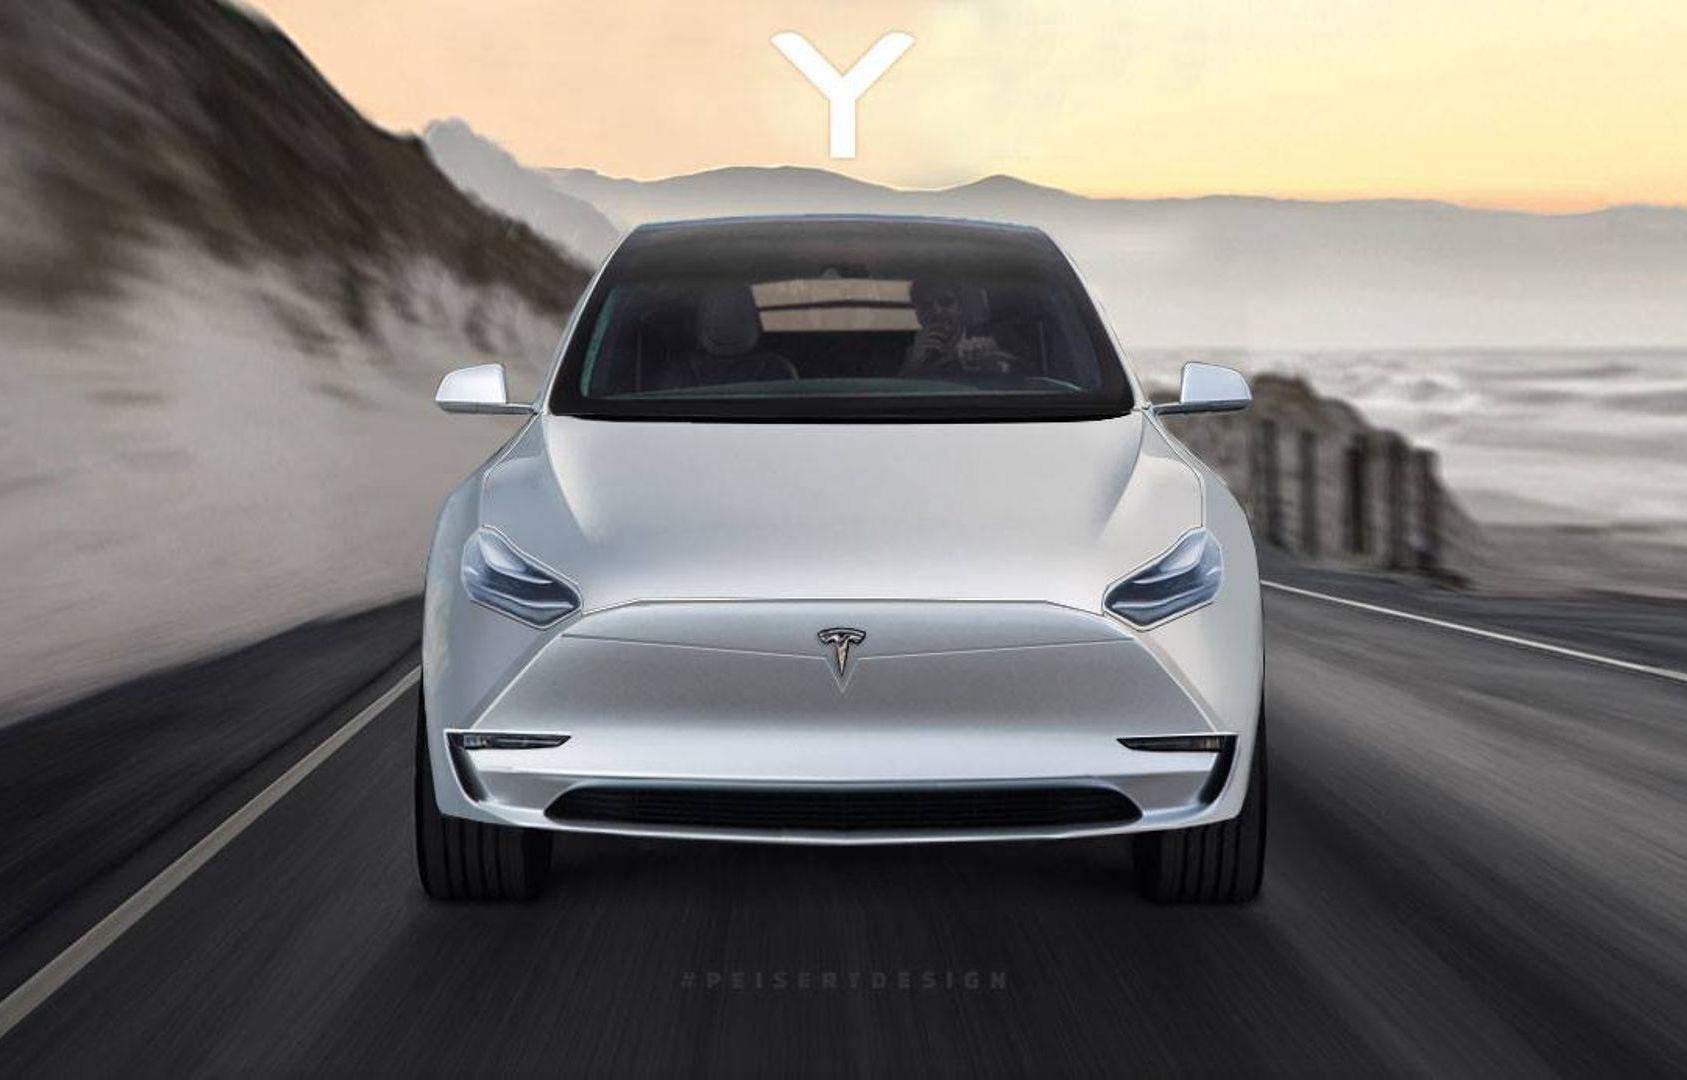 Tesla Model Y Rendered Based On Teaser Video